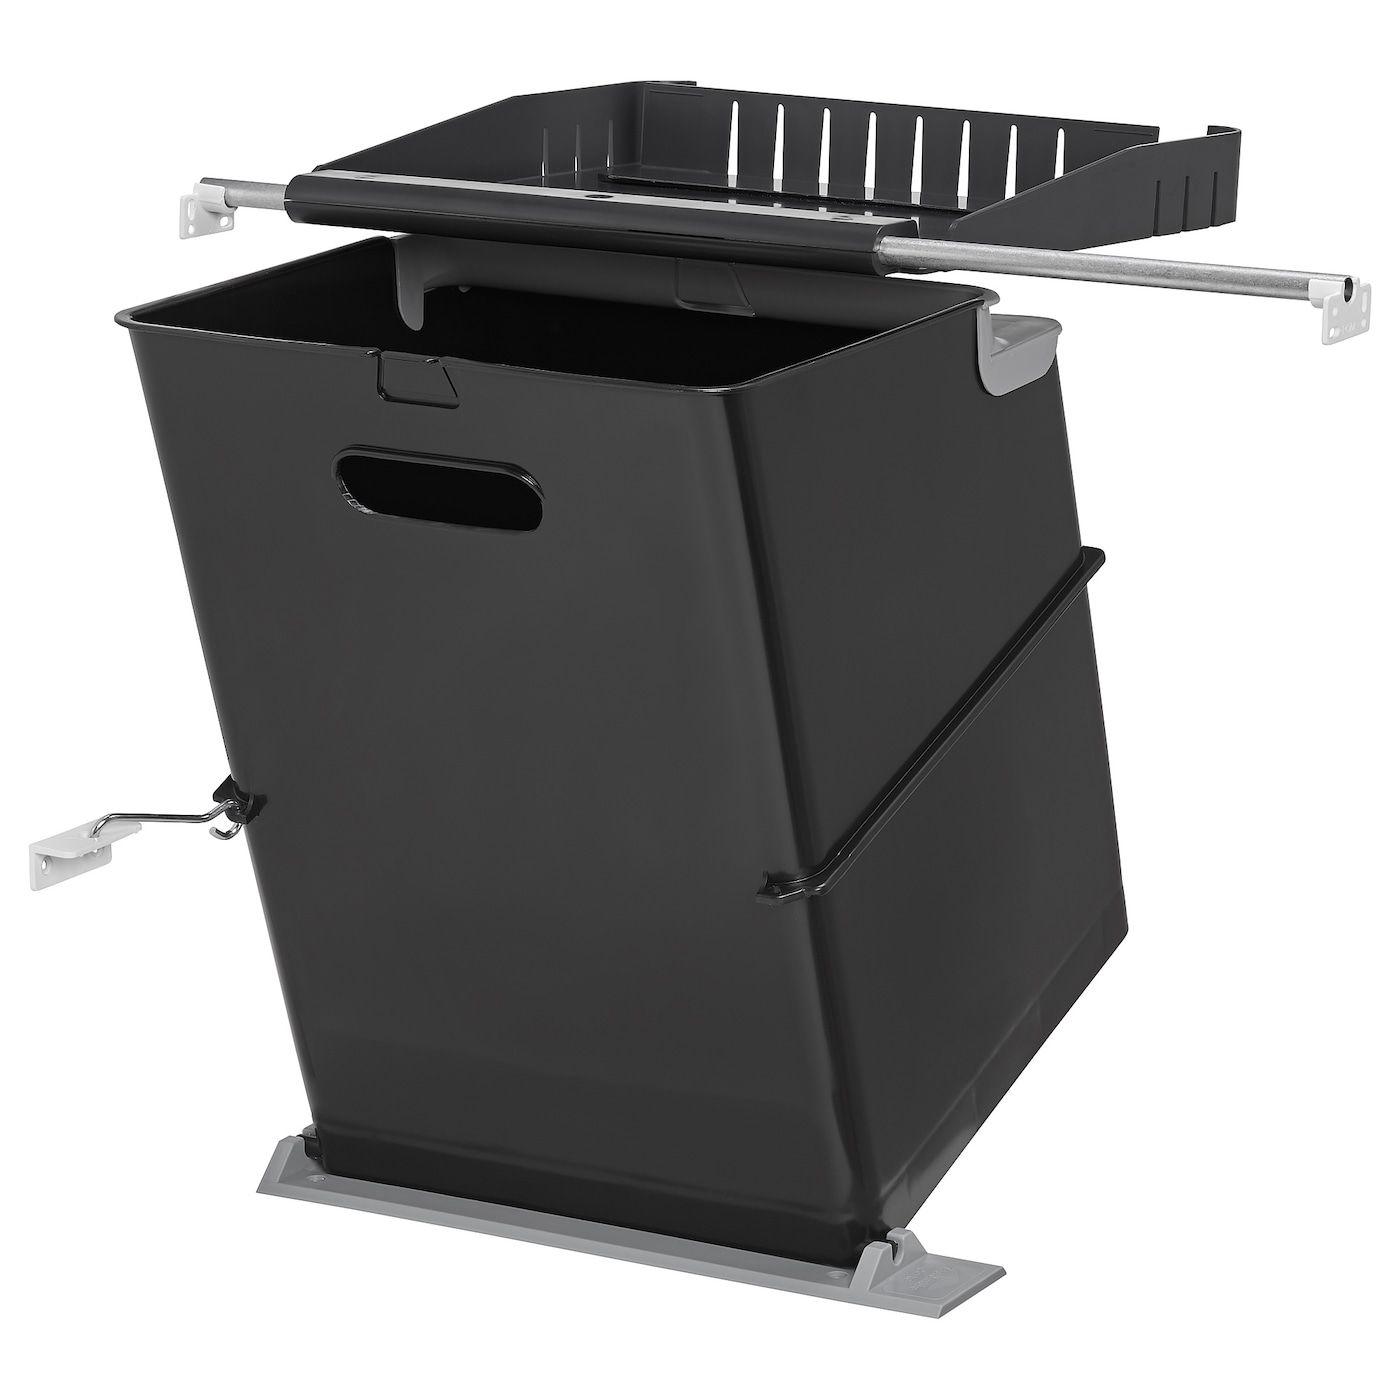 Ebbebo Poubelles Pour Element Avec Porte Ikea Poubelle Encastrable Poubelle Porte Armoire